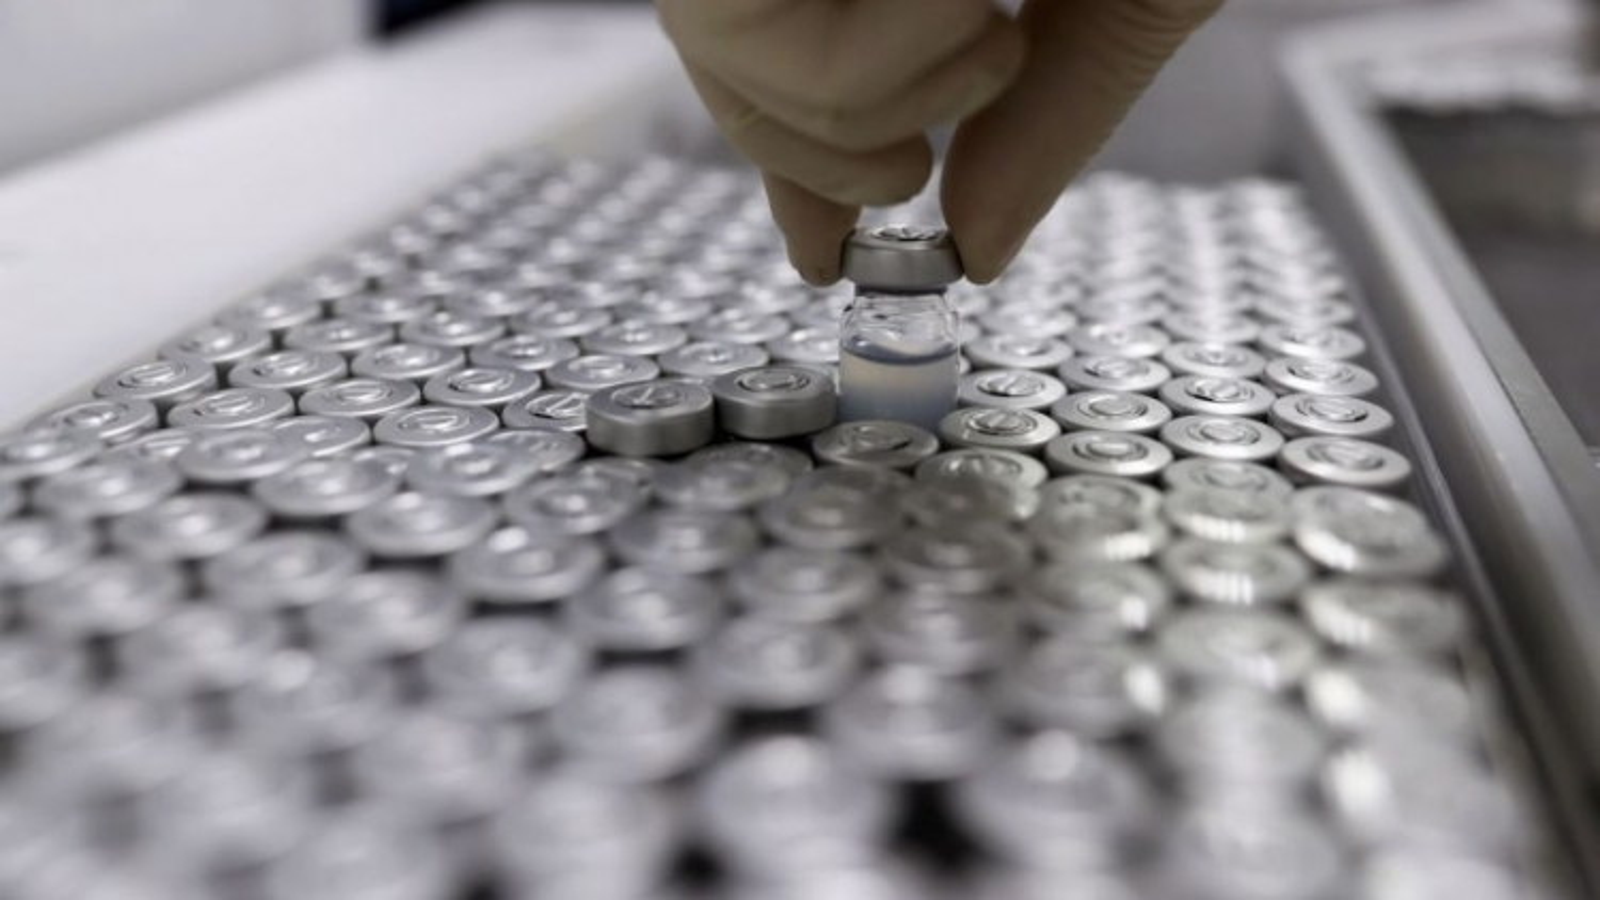 Brazil phát hiện vaccine Covid-19 của Trung Quốc có hiệu quả thấp hơn kỳ vọng, chỉ 50,4%